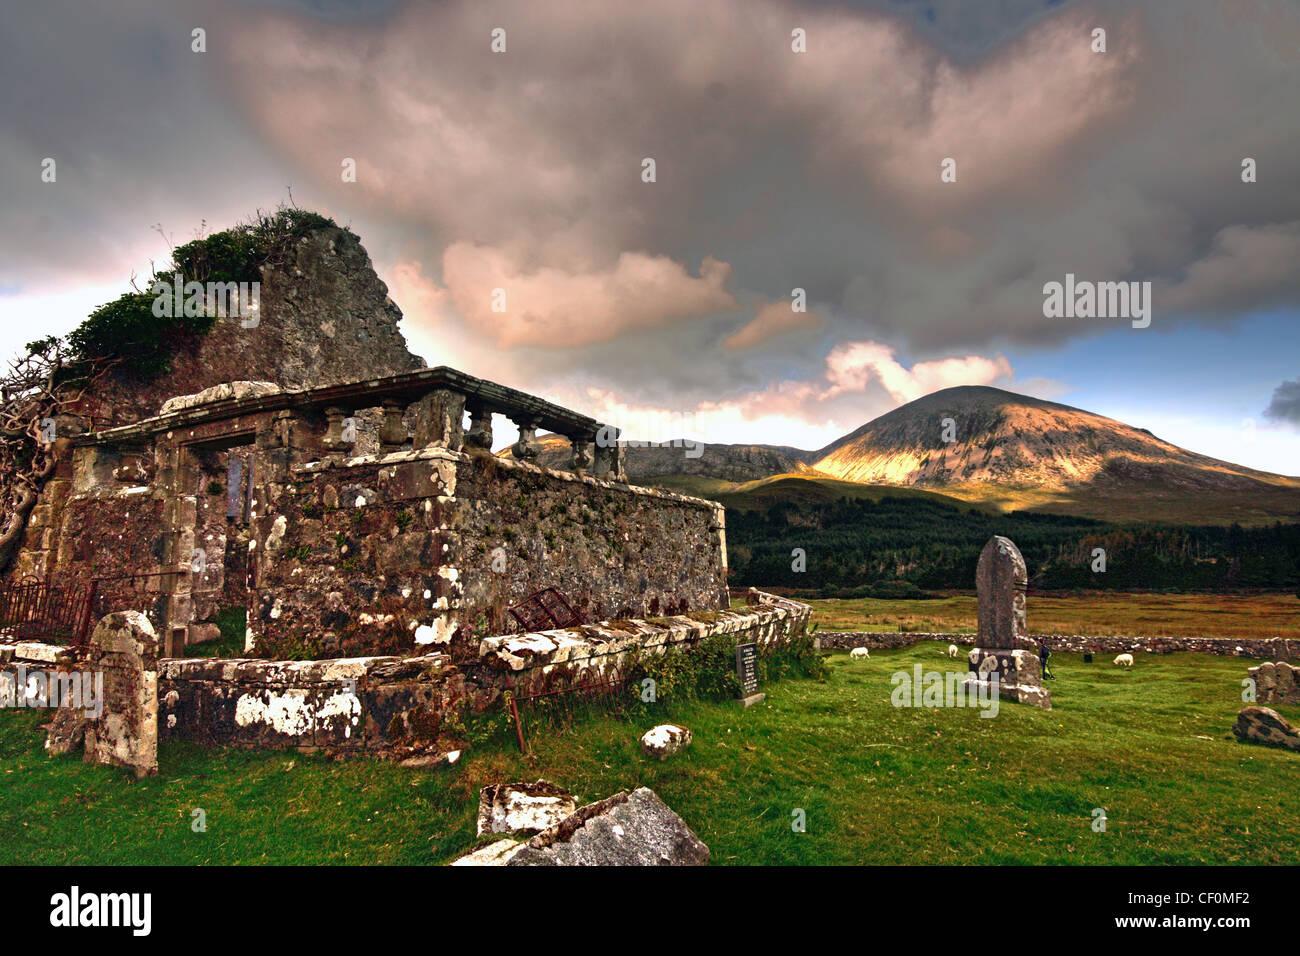 B8083,Skye,Inner Hebrides,Scotland,Scottish,scenery,new,dramatic,vista,landscape,archeology,stones,old,ruin,ruins,United,Kingdom,Island,Beautiful,Isle,of,Skye,gotonysmith,gotonysmith,Buy Pictures of,Buy Images Of